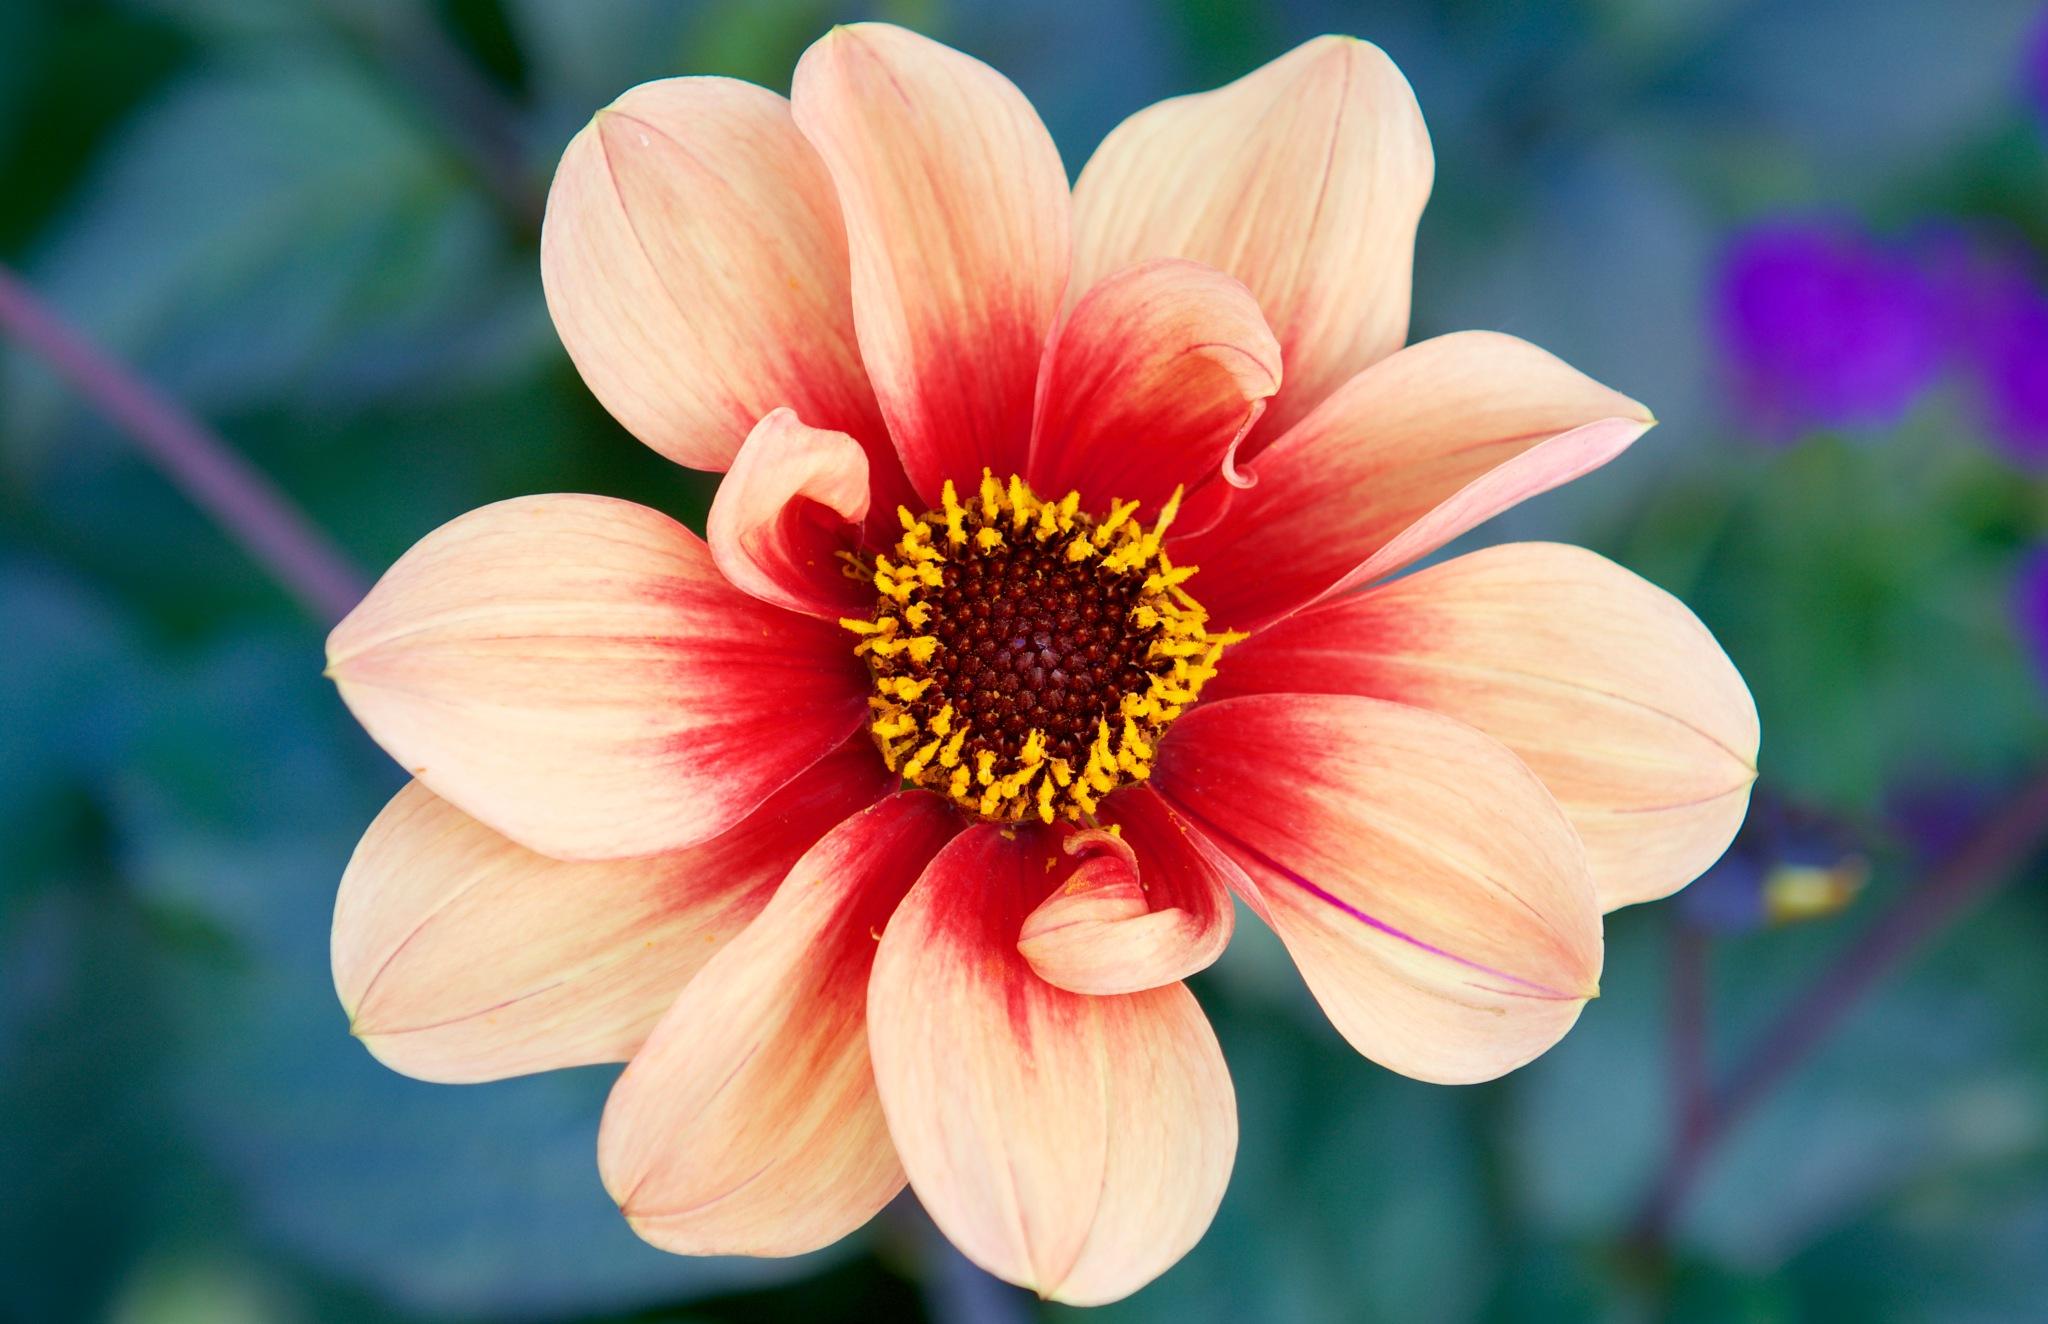 Flowers 500! by Memed Bayatli